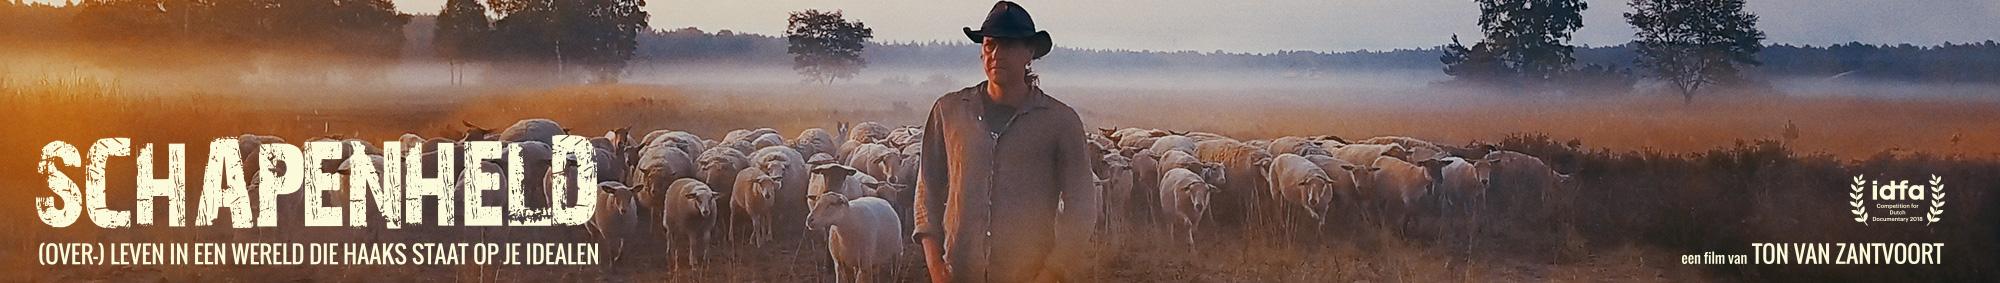 schapenheld-banner